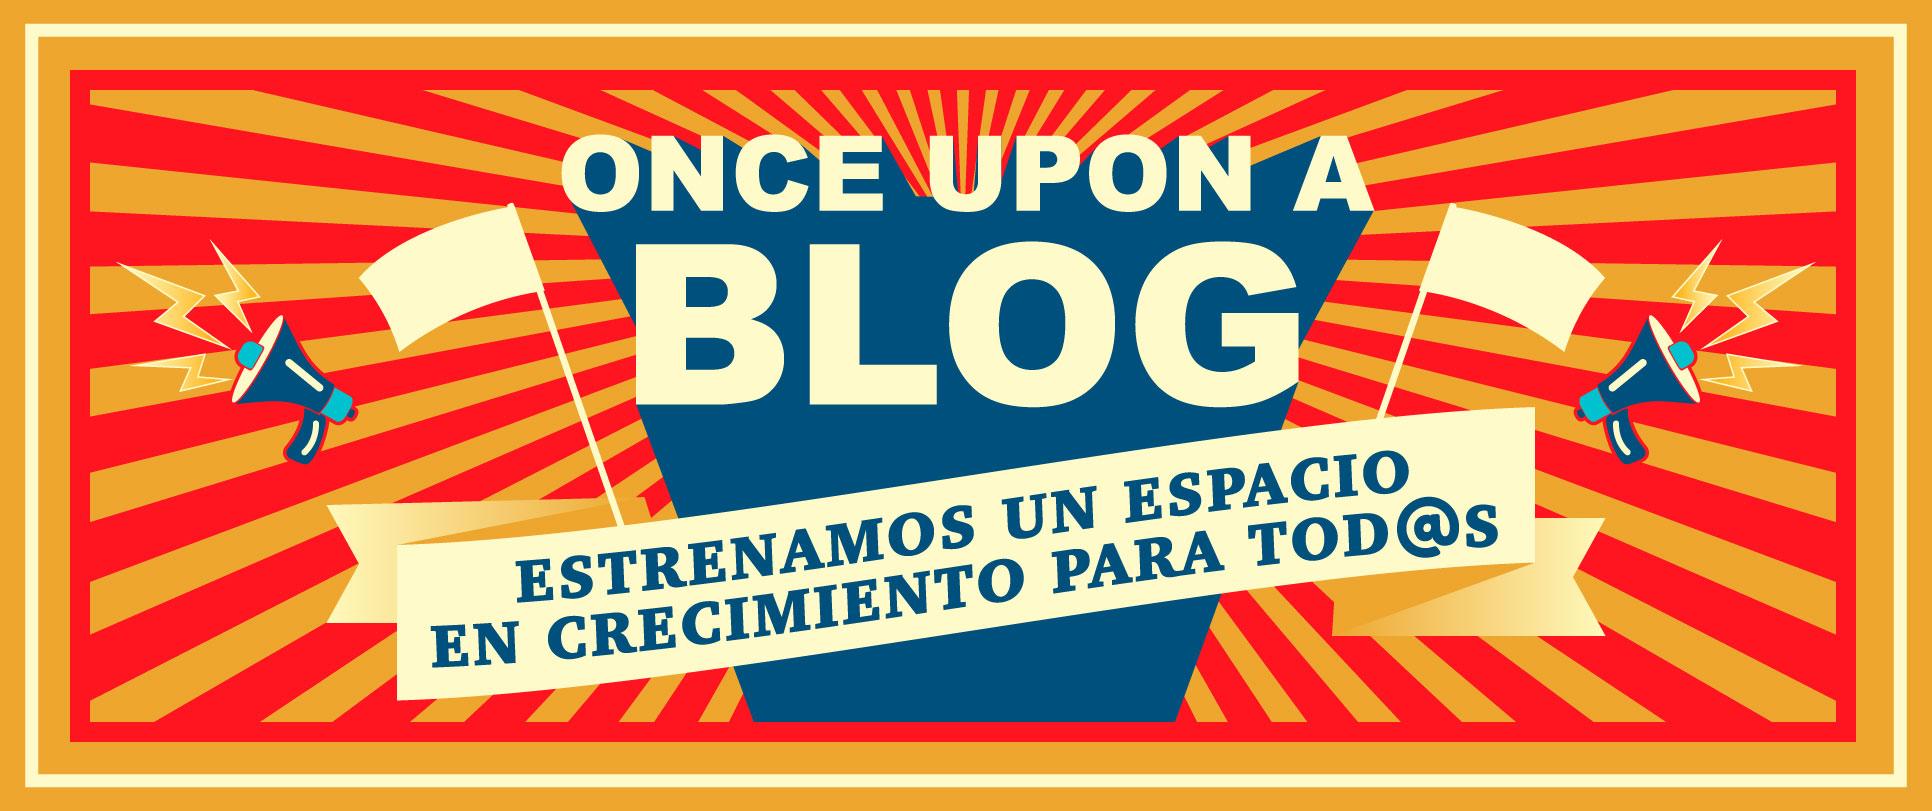 Once upon a Blog - Estrenamos un espacio en crecimiento para tod@s